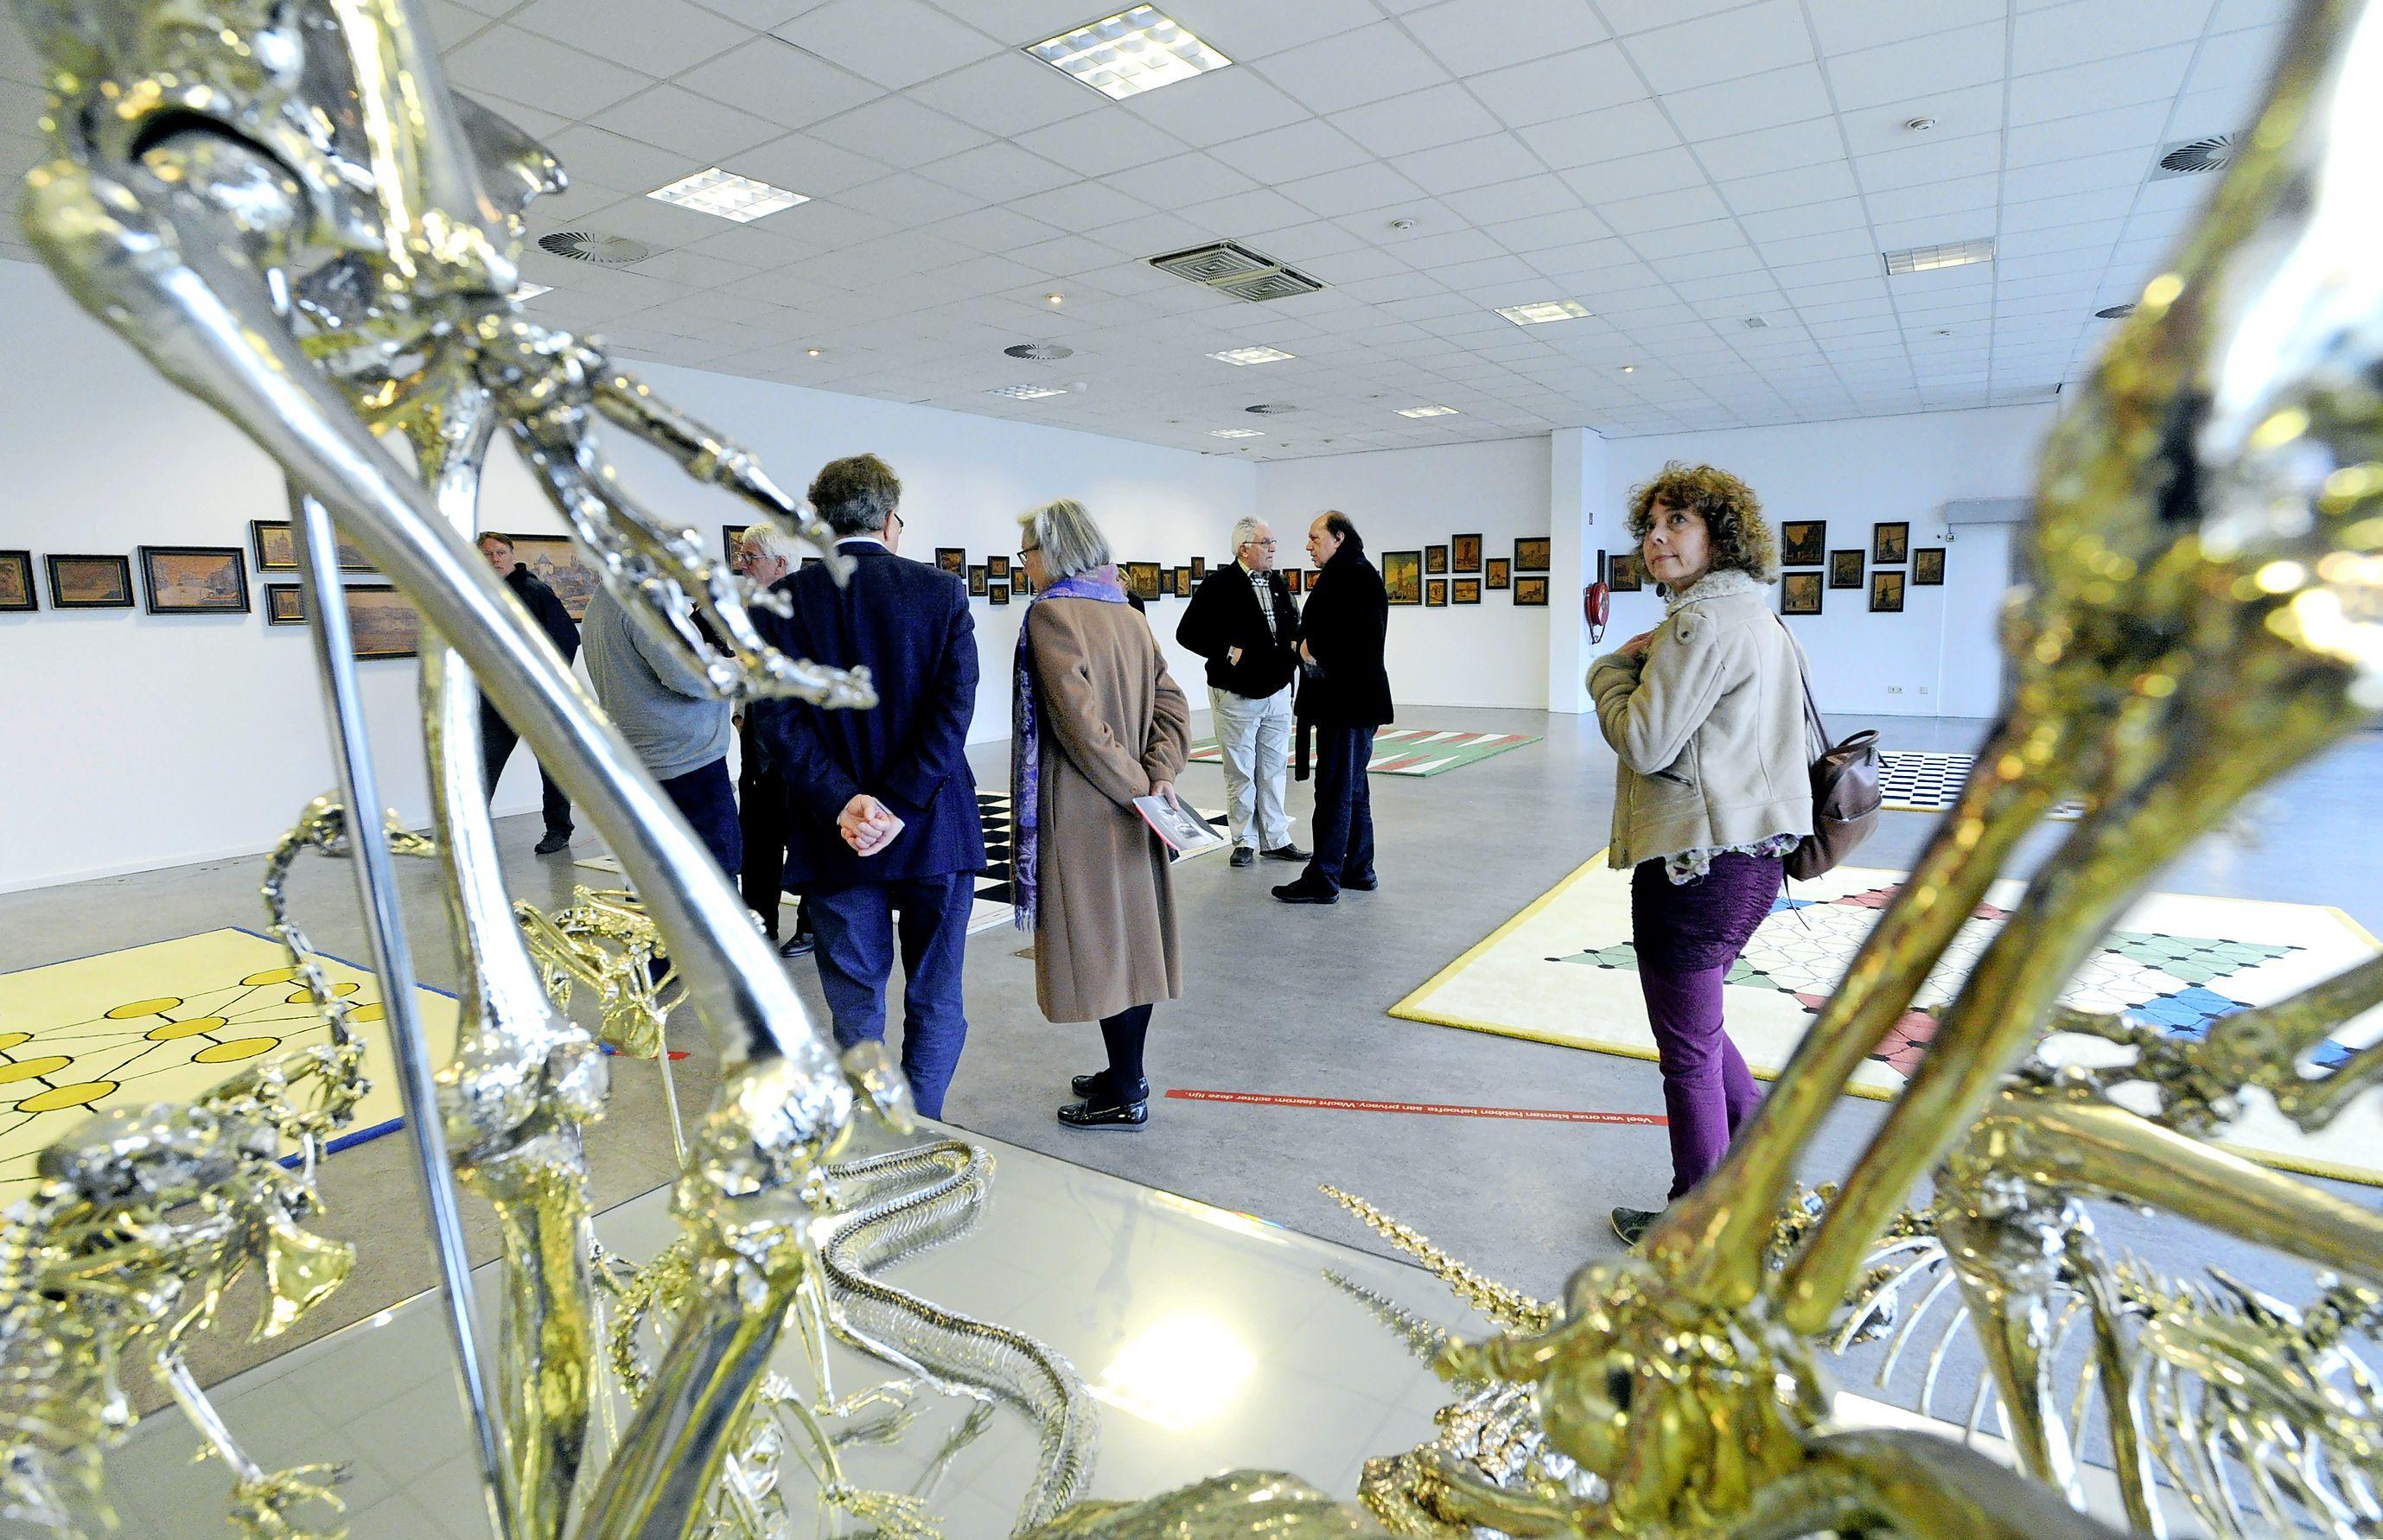 Veilingbedrijf BVA is nu écht klaar met het gedoe over de verkoop van de kunstcollectie van Rob Scholte. 'Duizenden euro's extra aan kosten', verwacht de stadsadvocaat